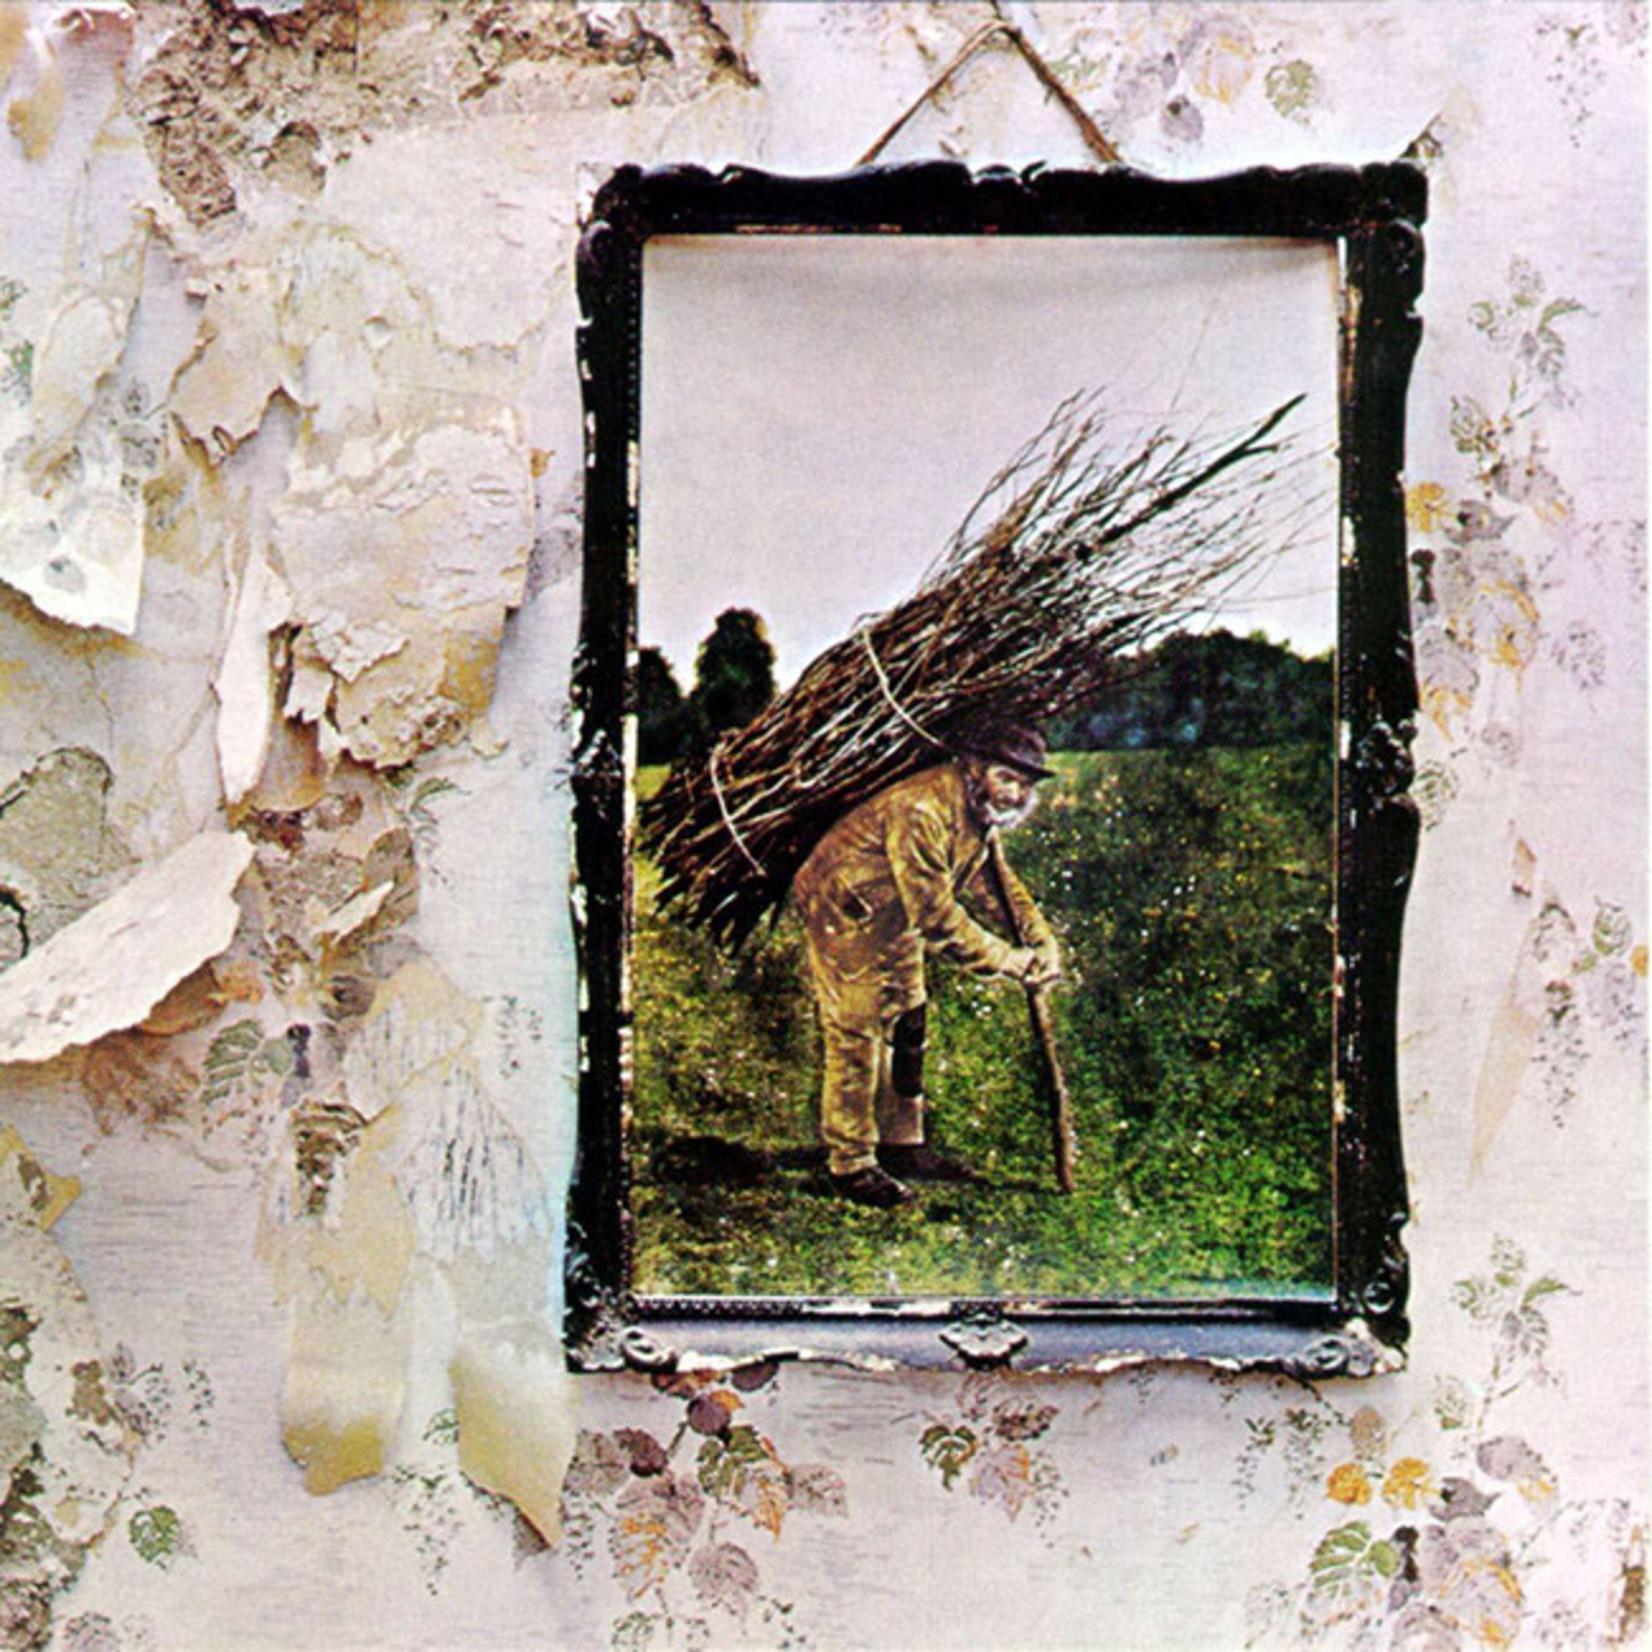 [New] Led Zeppelin: Led Zeppelin IV